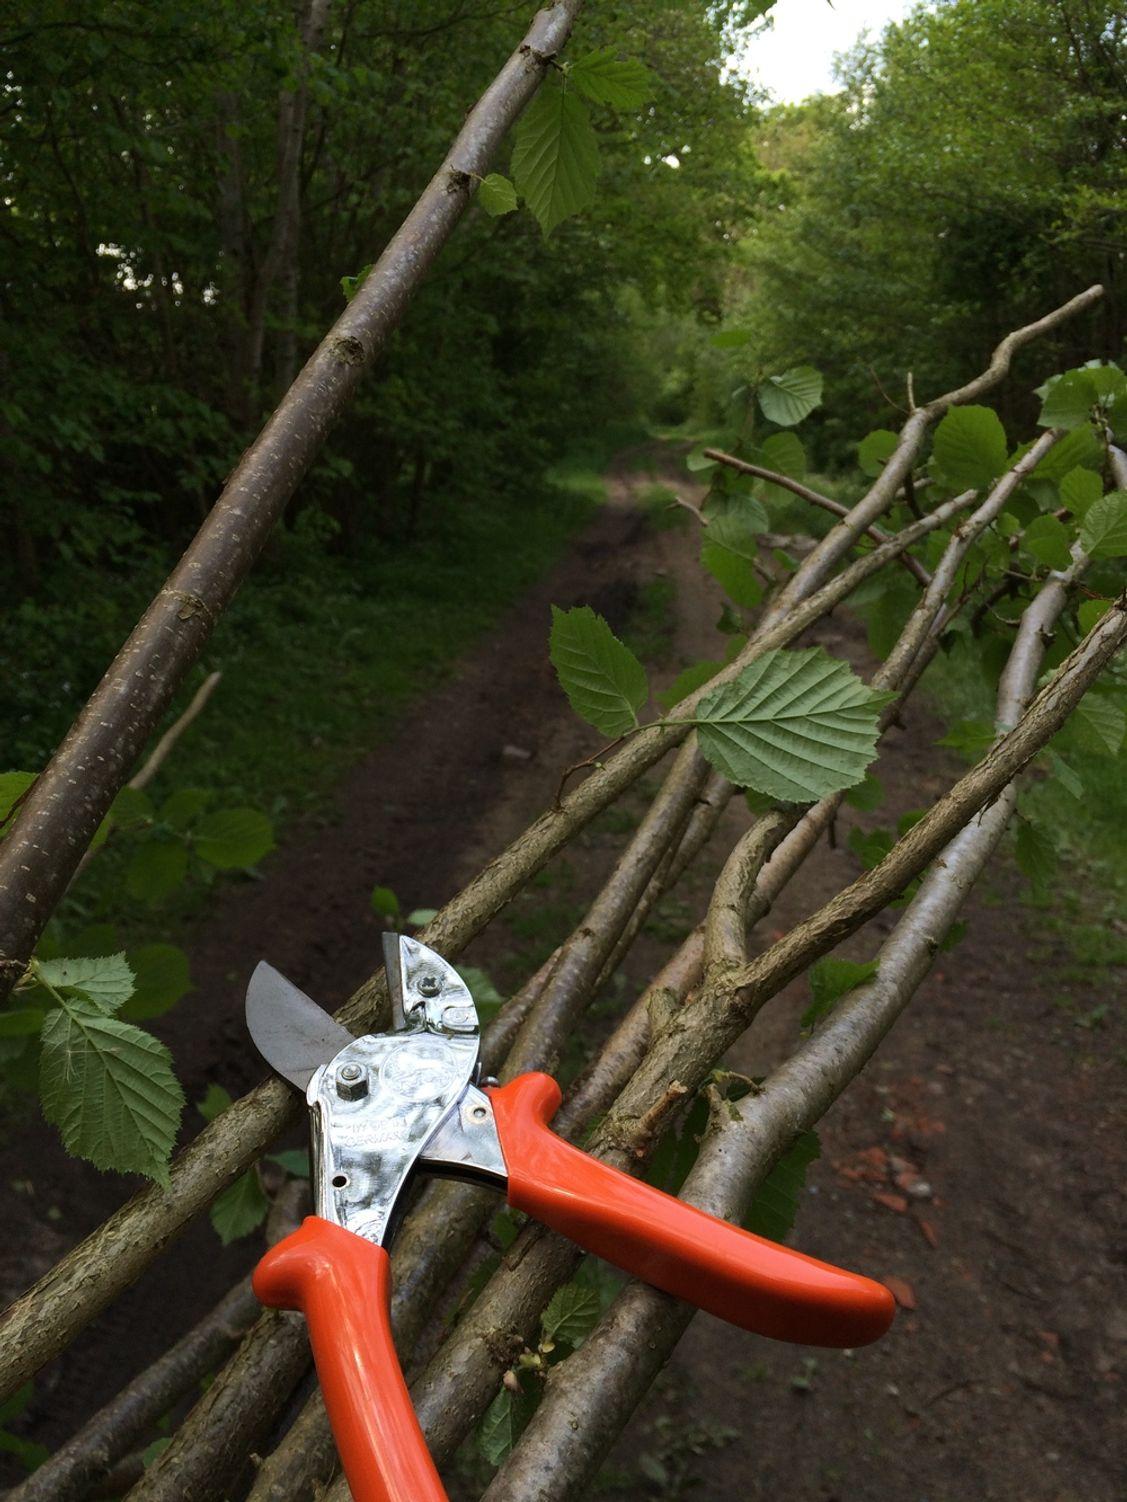 Die mindestens 230 cm langen Aste werden von Astrieben und Blätter befreit.